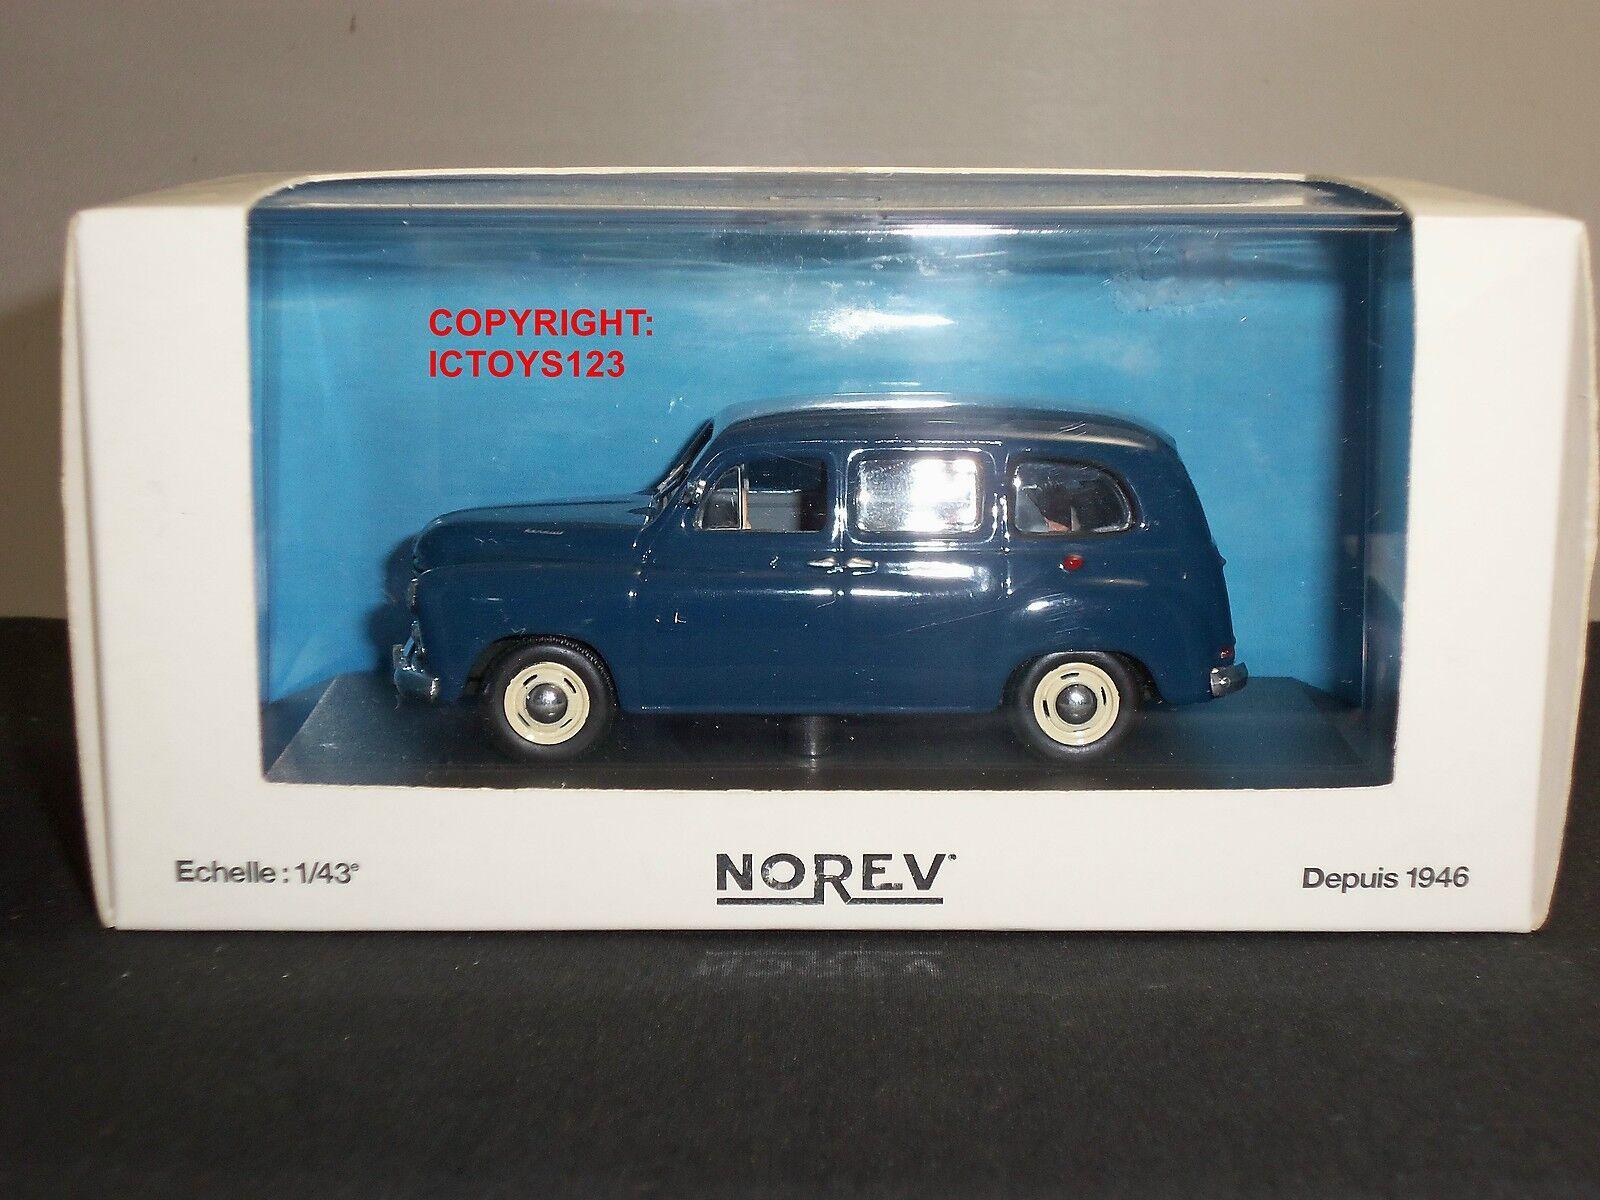 NOREV 519170 RENAULT COLORALE PRARIE blueE DIECAST MODEL VAN CAR